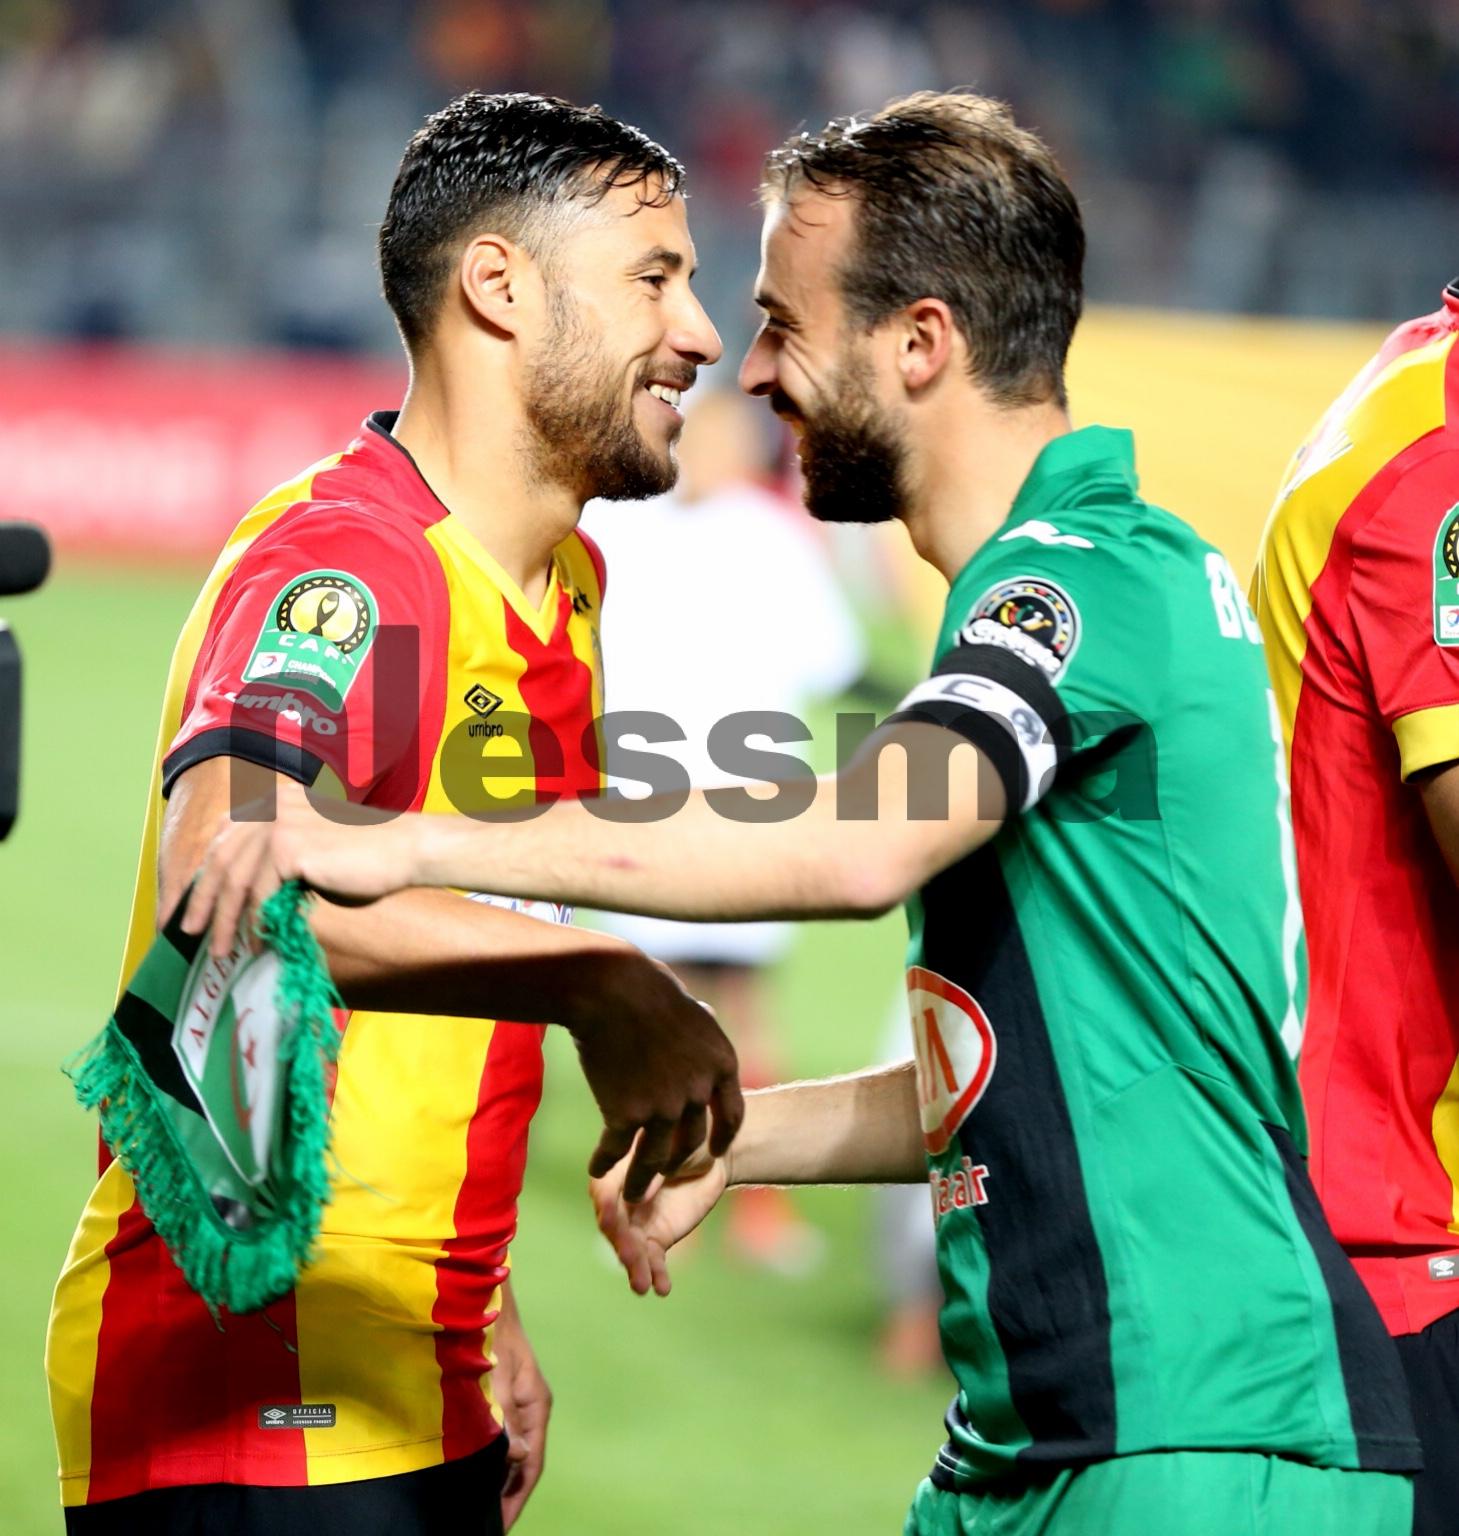 صور الشوط الأول من مباراة الترجي الرياضي التونسي و شباب قسنطينة